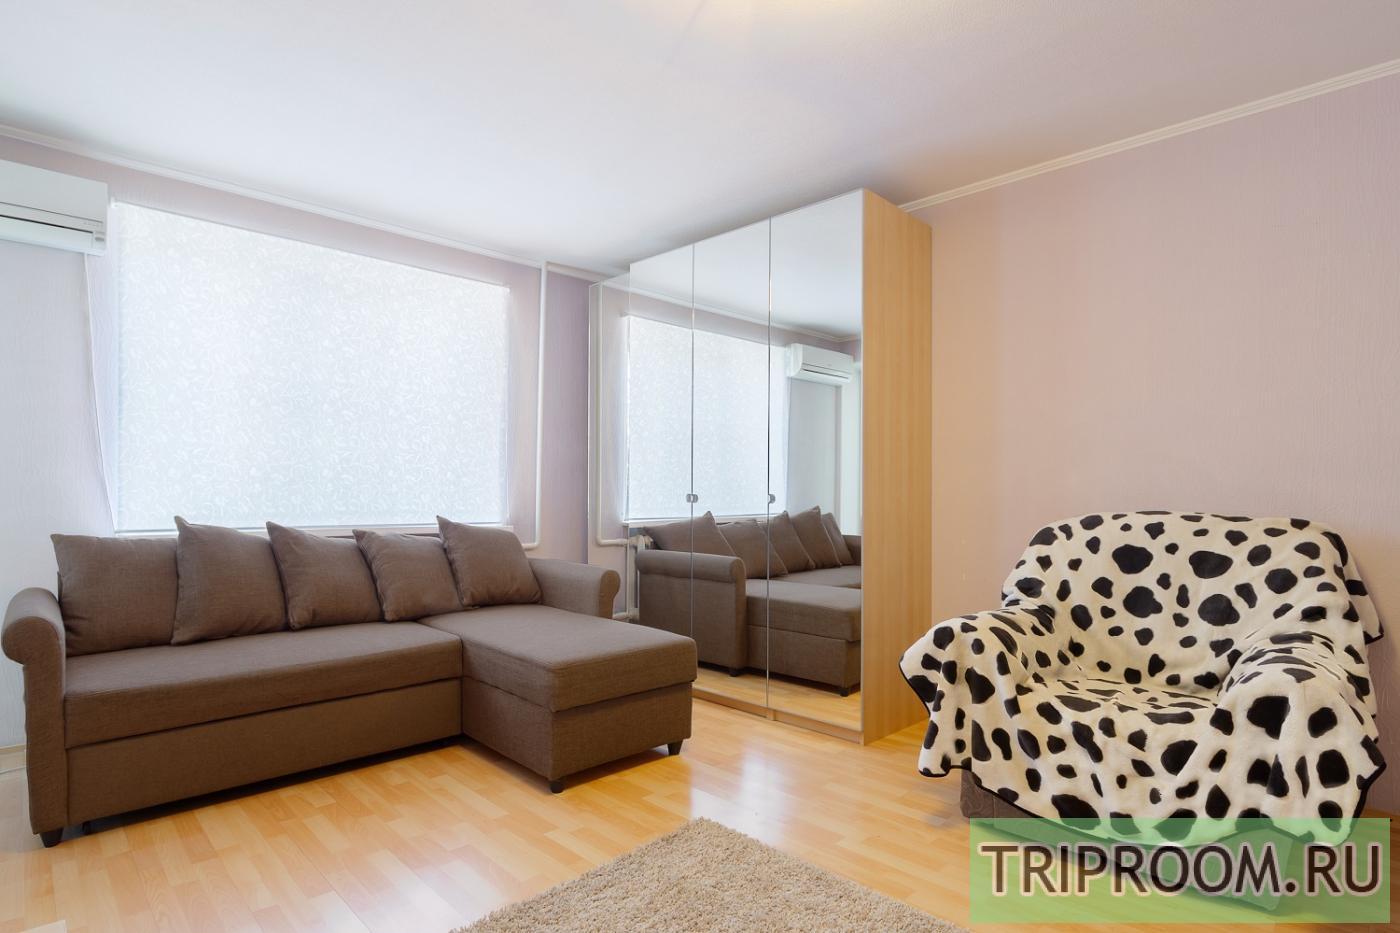 2-комнатная квартира посуточно (вариант № 11540), ул. Красноармейская улица, фото № 3